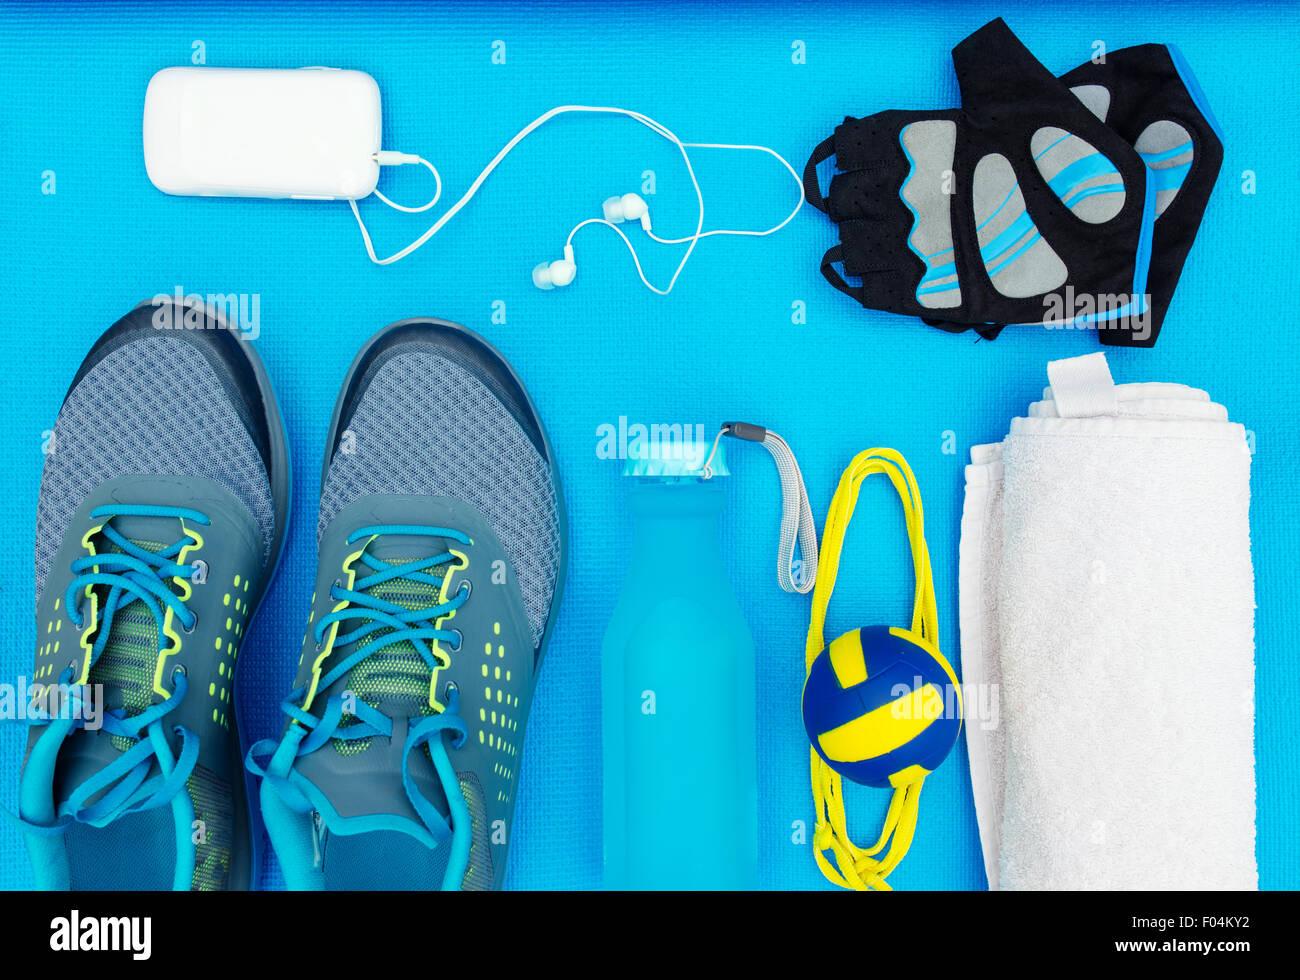 Verschiedene Werkzeuge und Zubehör für den Sport. Fitness-Konzept Stockbild